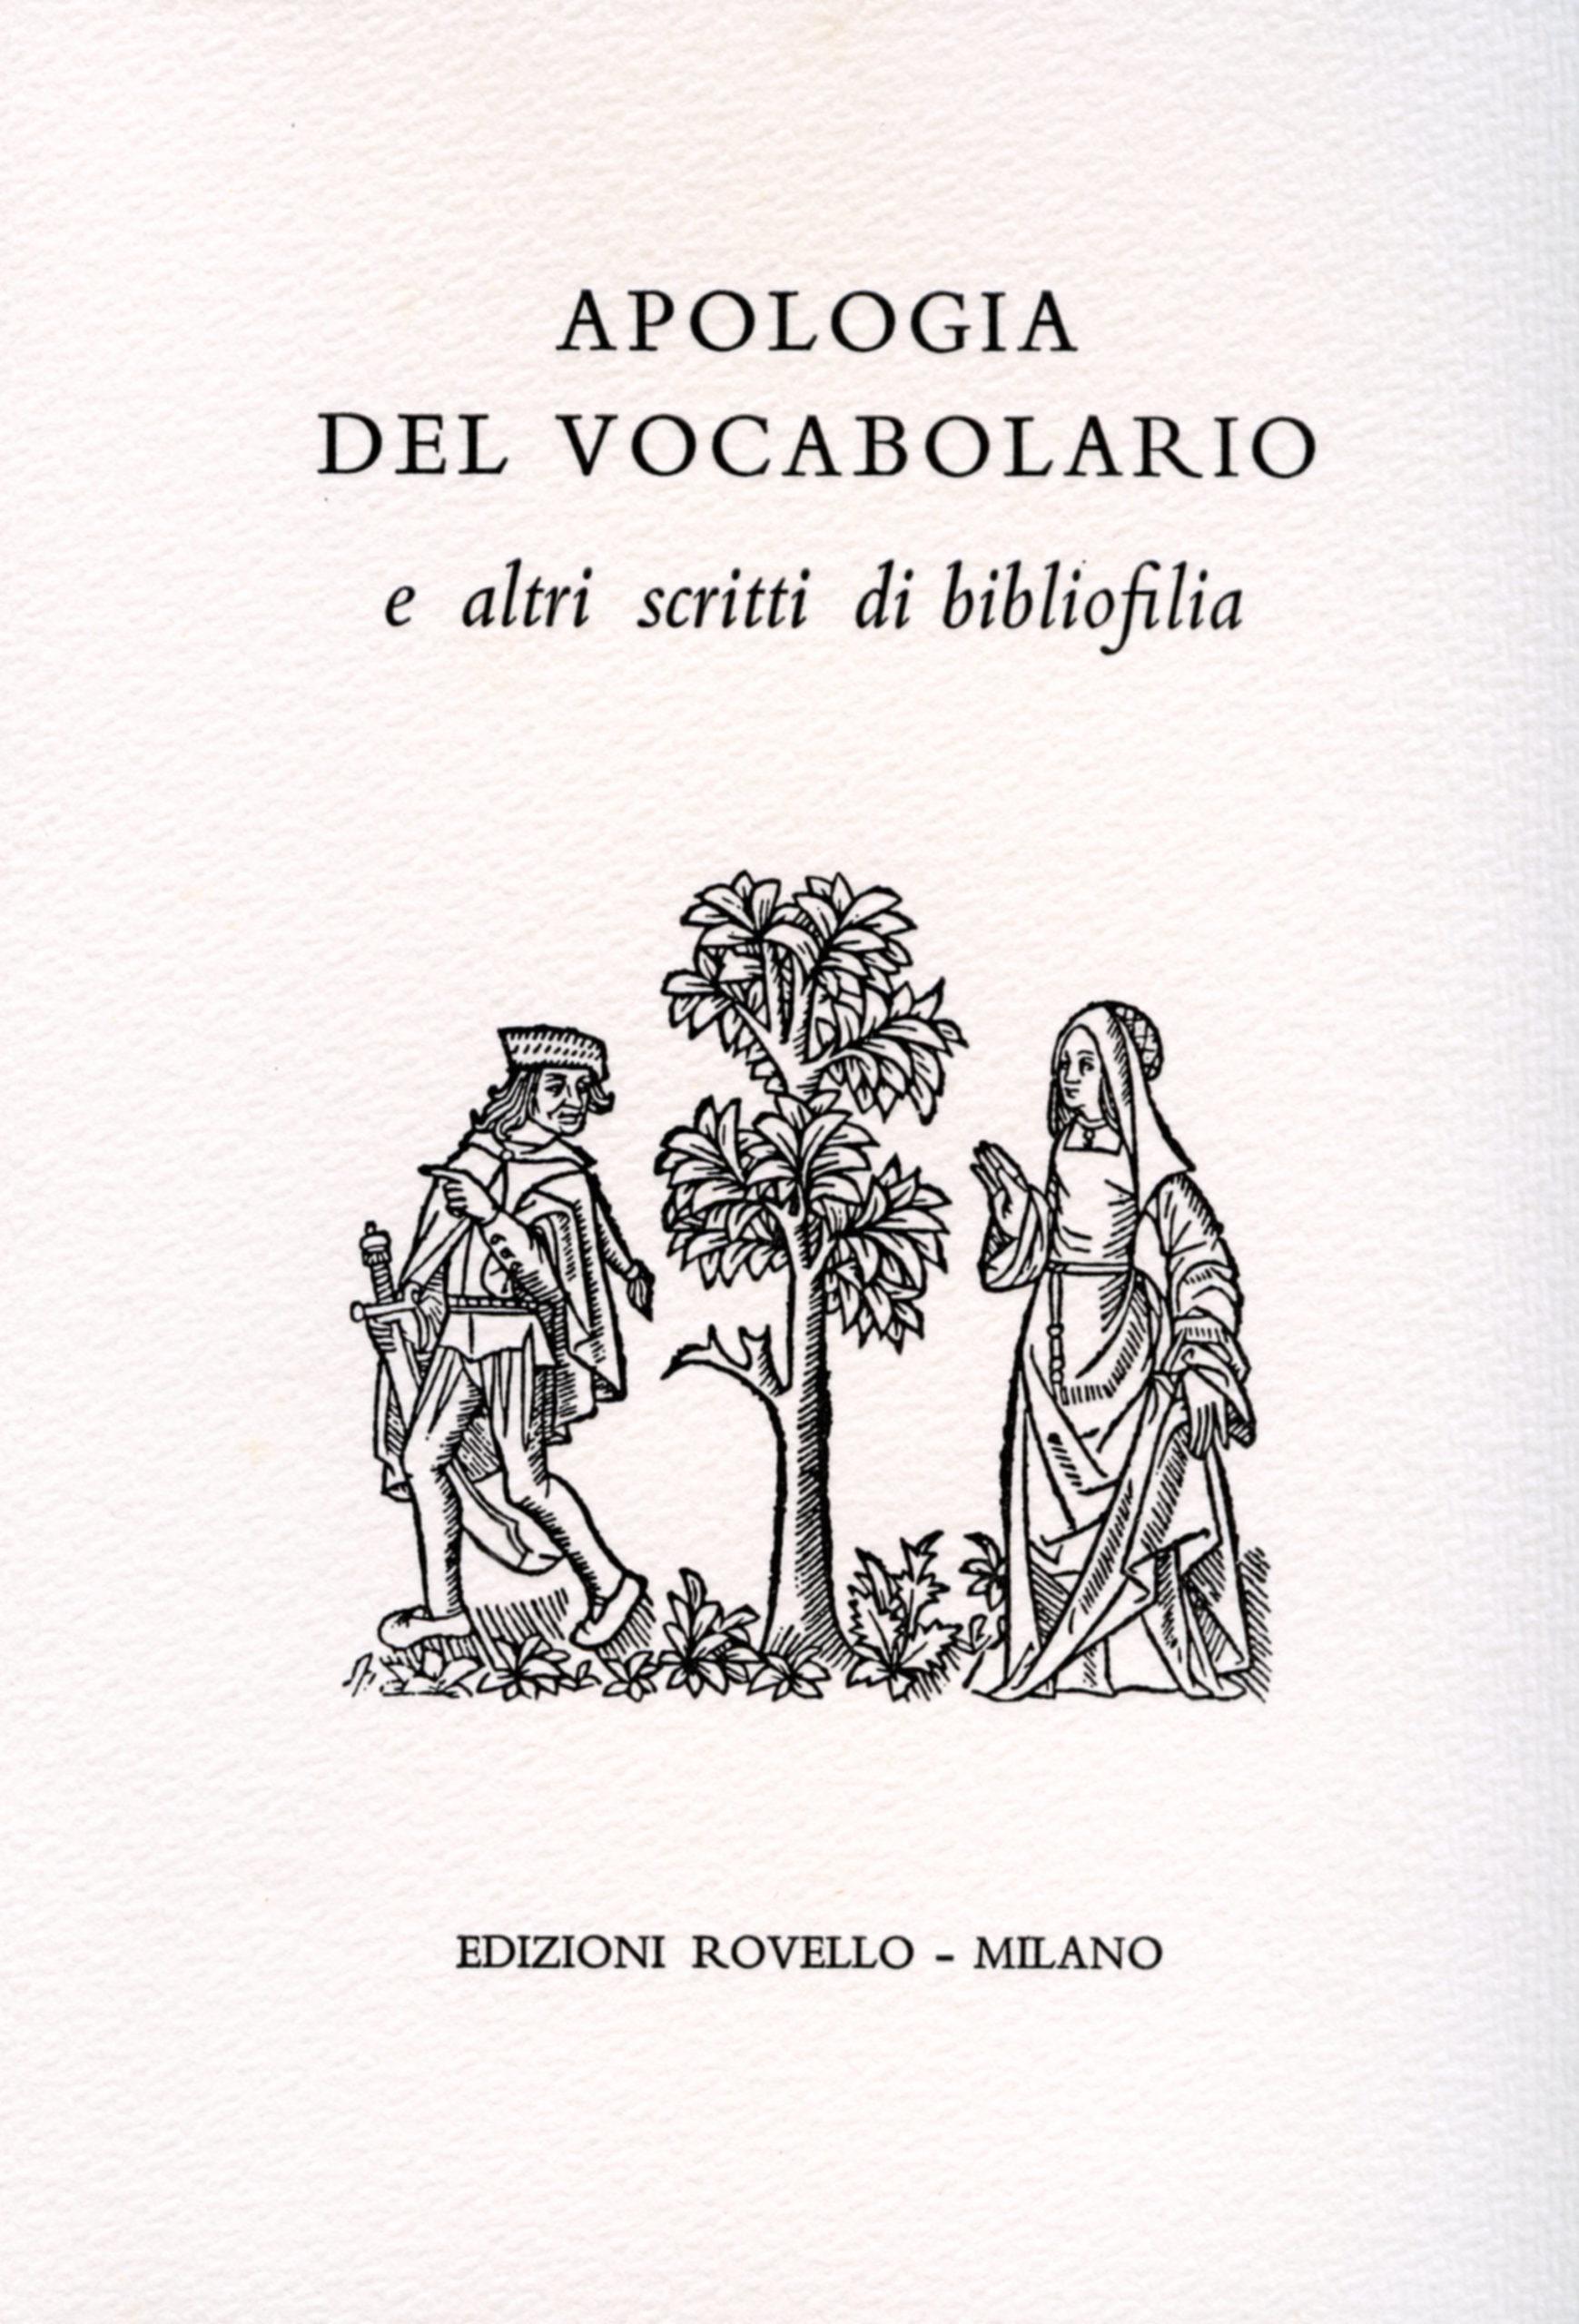 9. Apologia del vocabolario (1998)